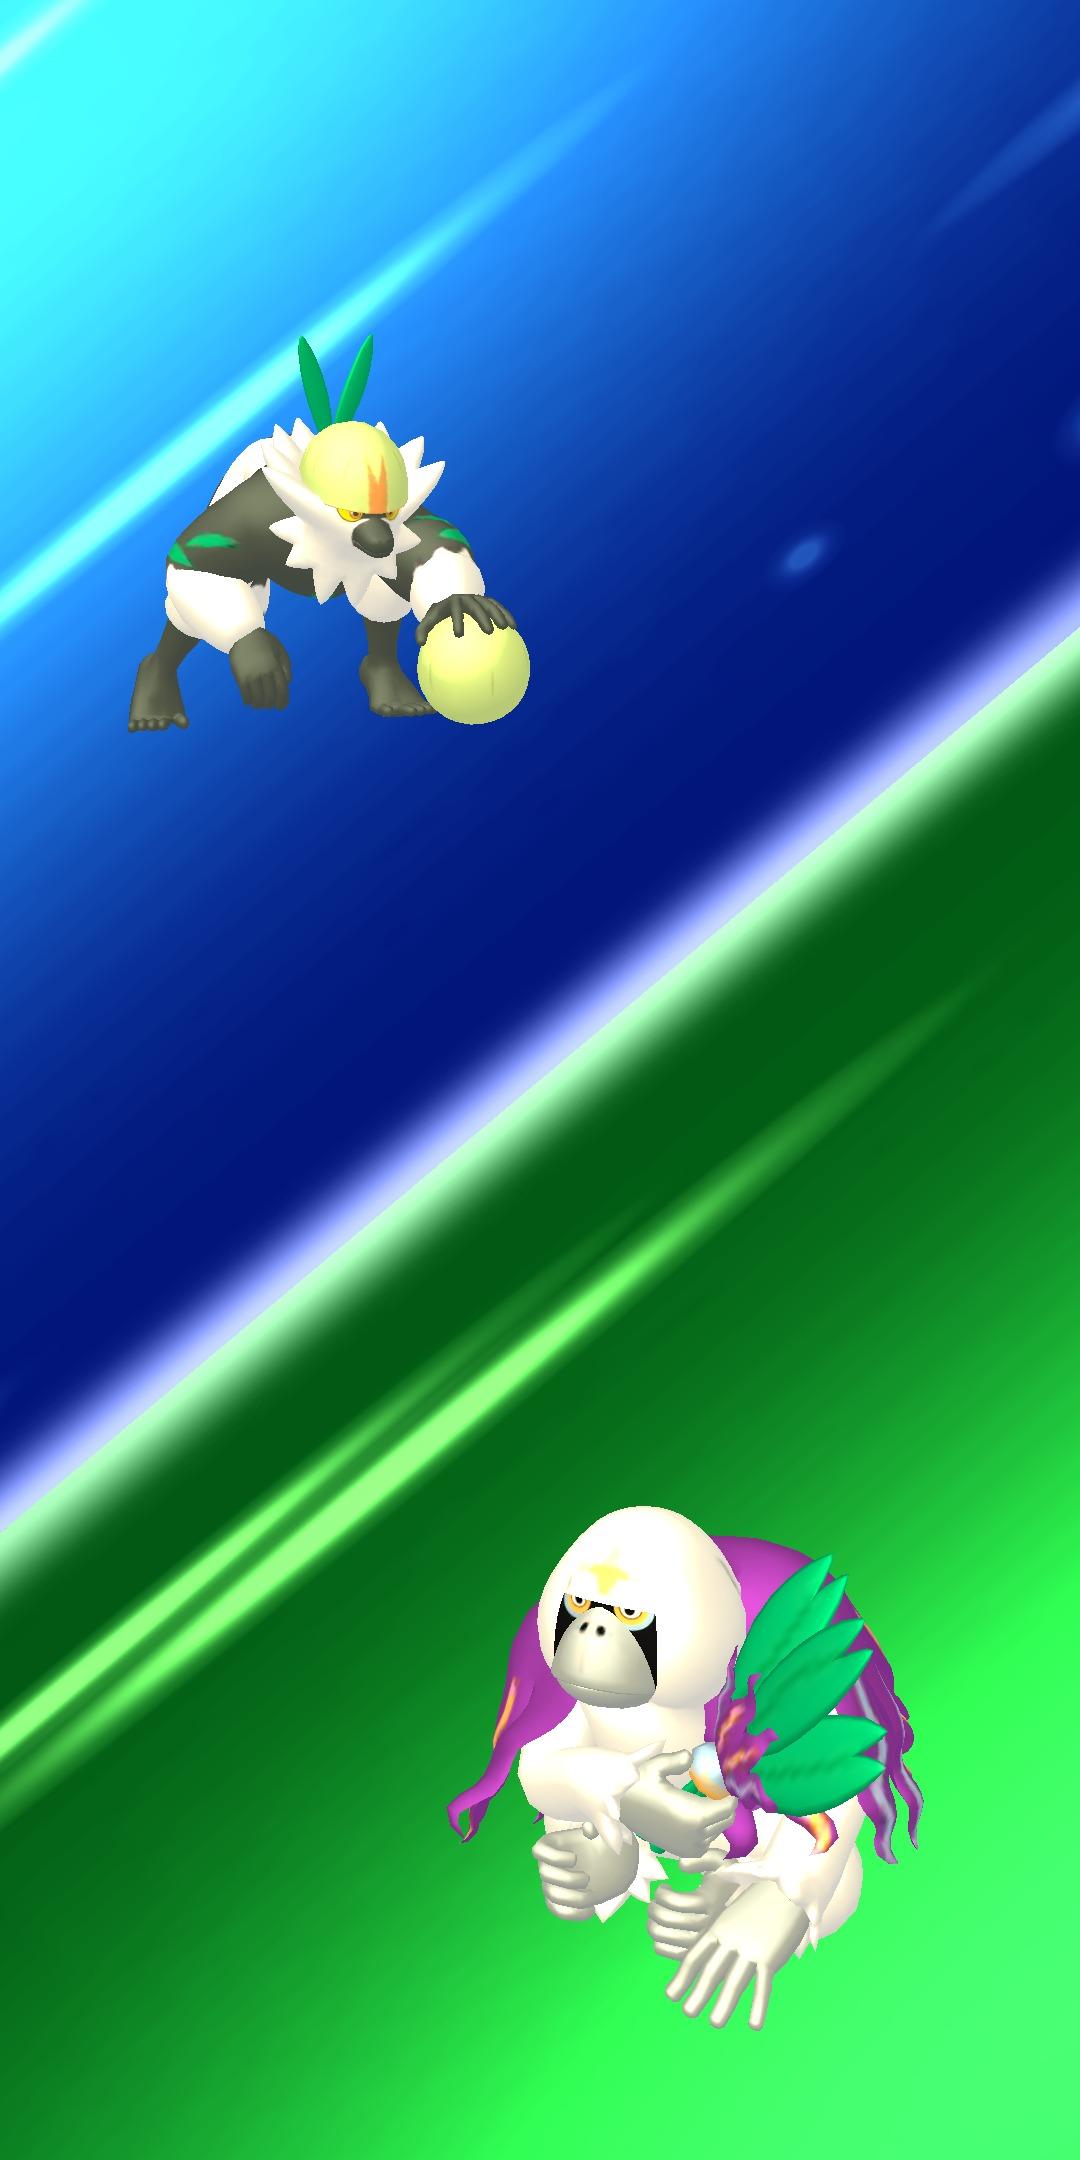 フレンド交換4 (C)2020 Pokémon. (C)1995-2020 Nintendo/Creatures Inc. /GAME FREAK inc.